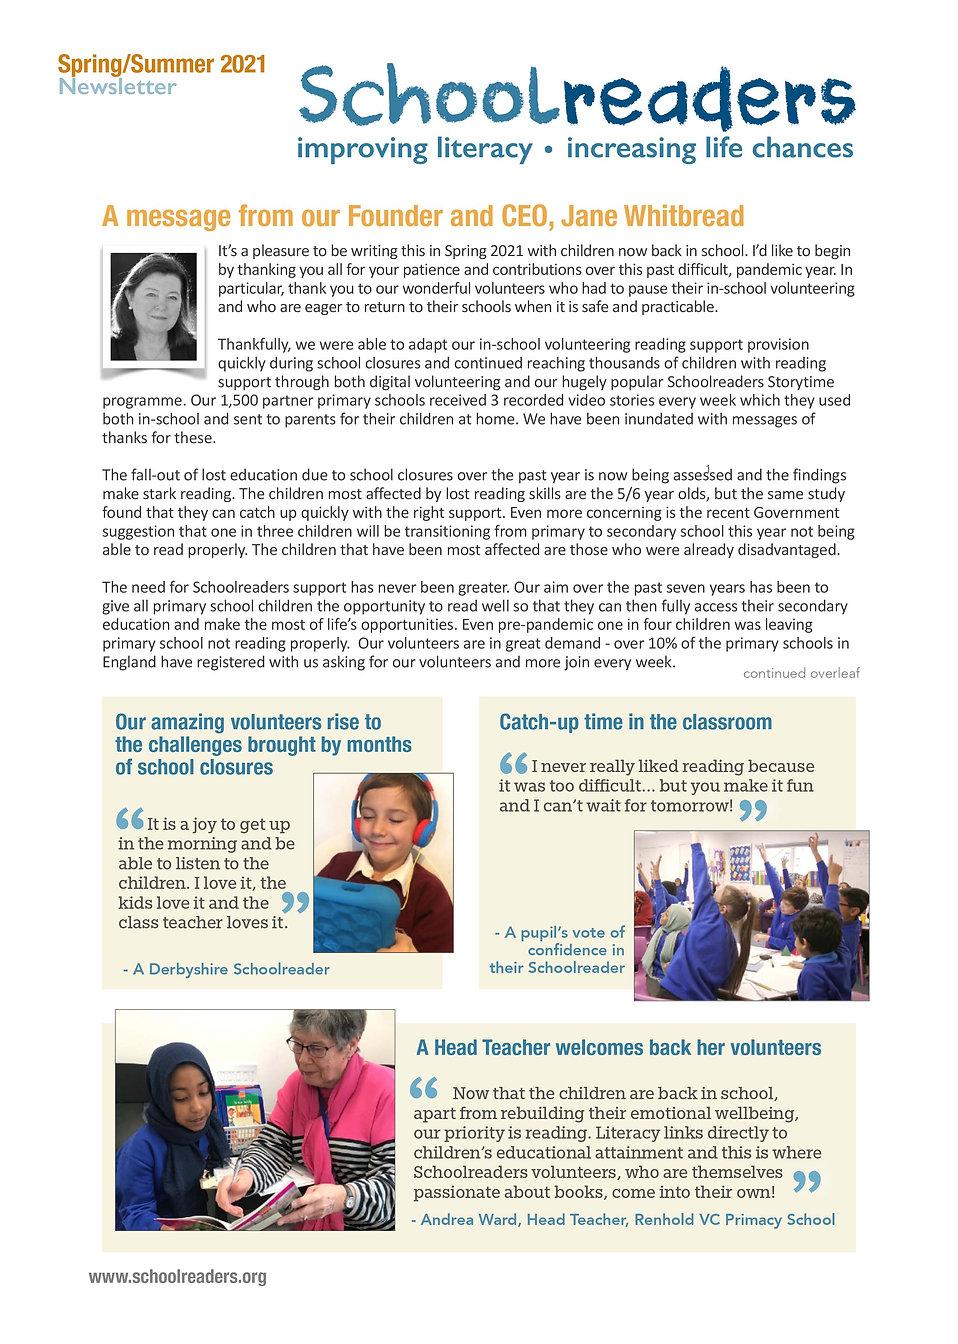 Newsletter 20210401 G0223 page 1.jpg